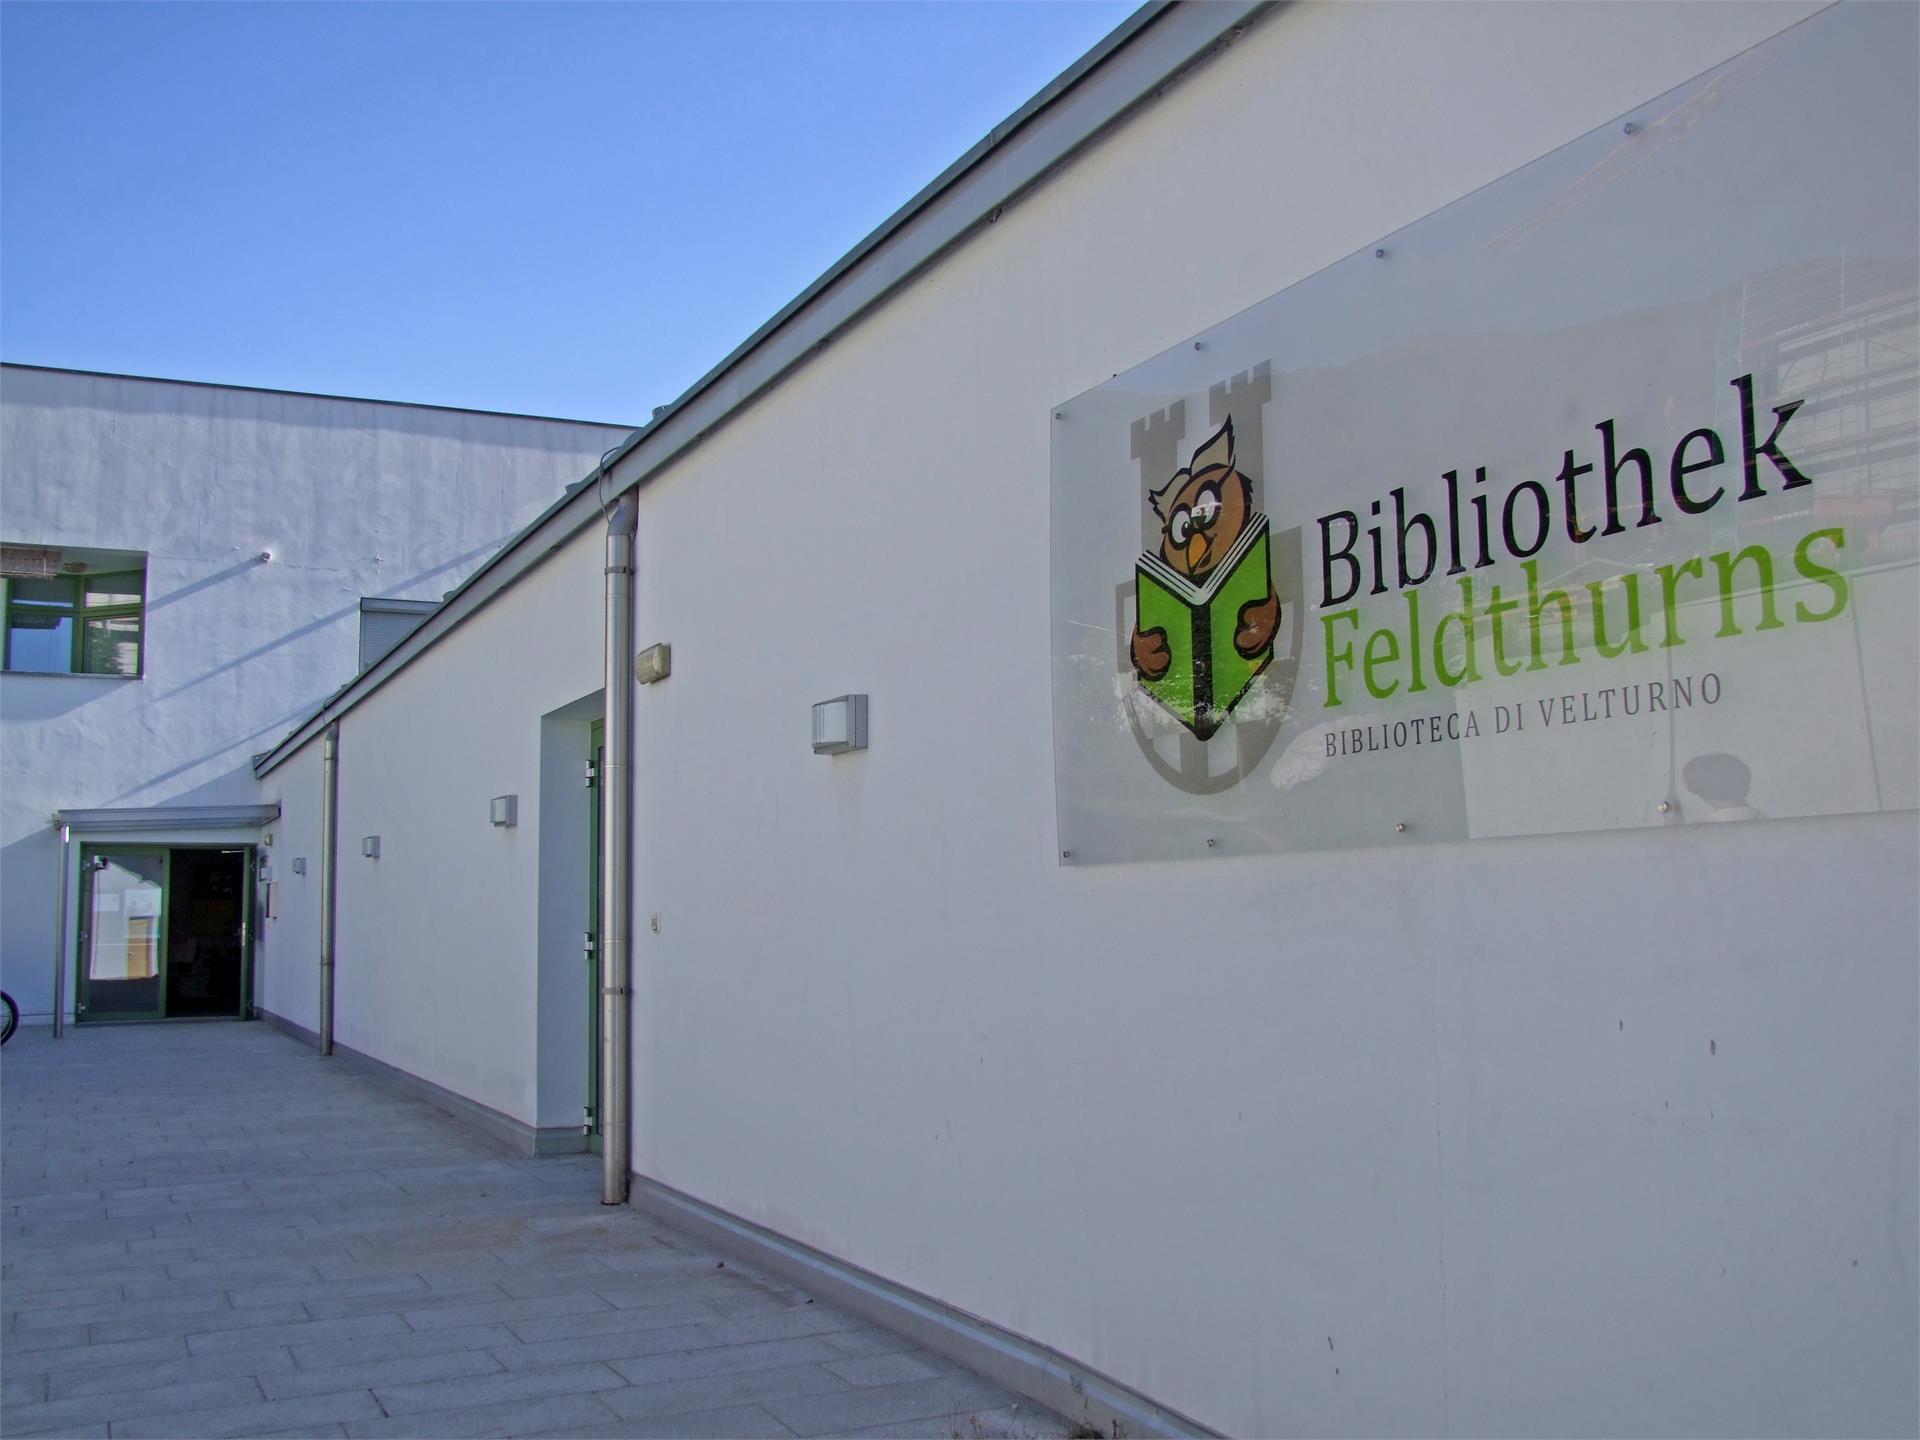 Biblioteca Velturno